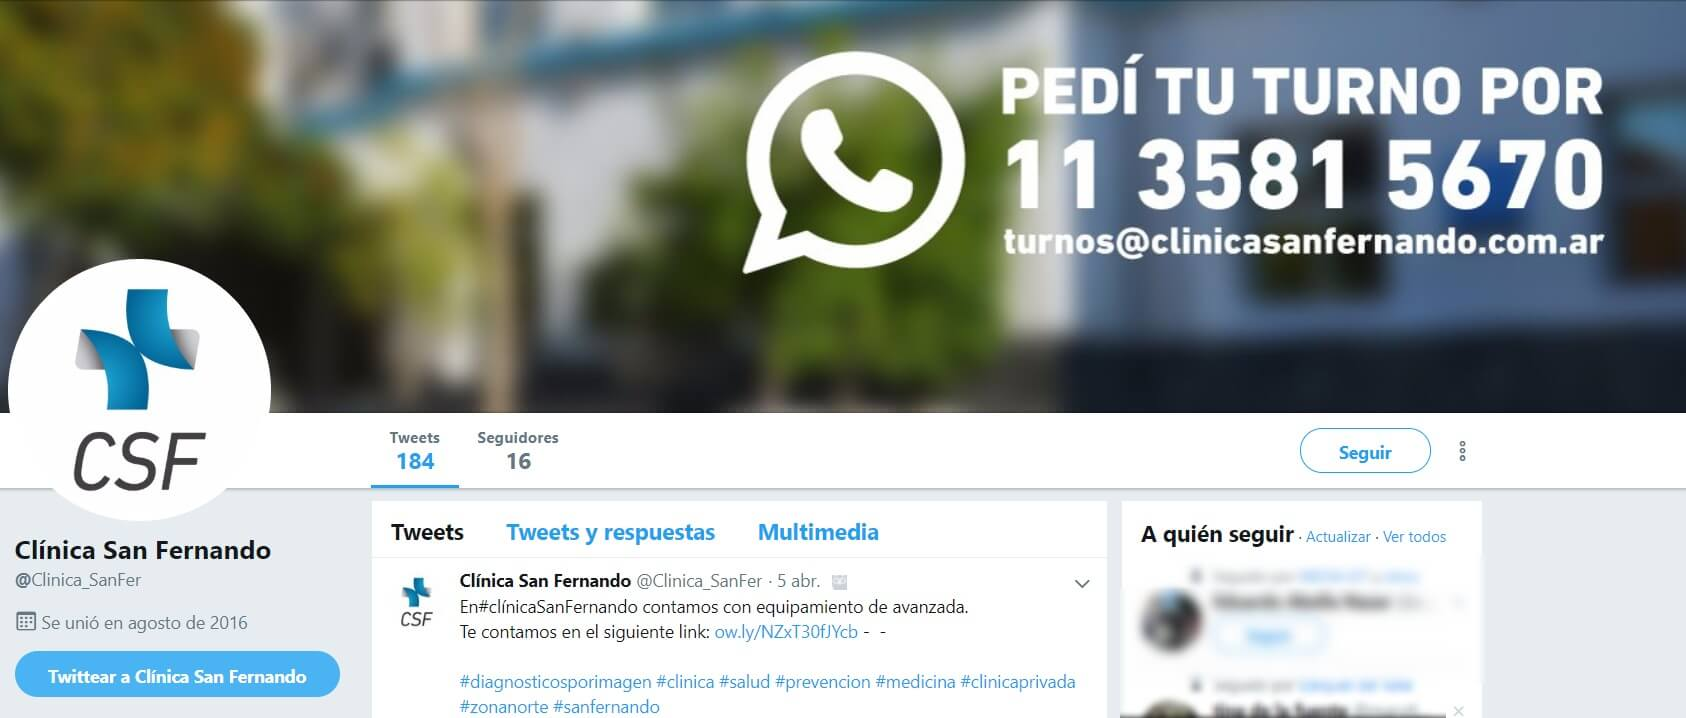 Clinica San Fernando - Twitter